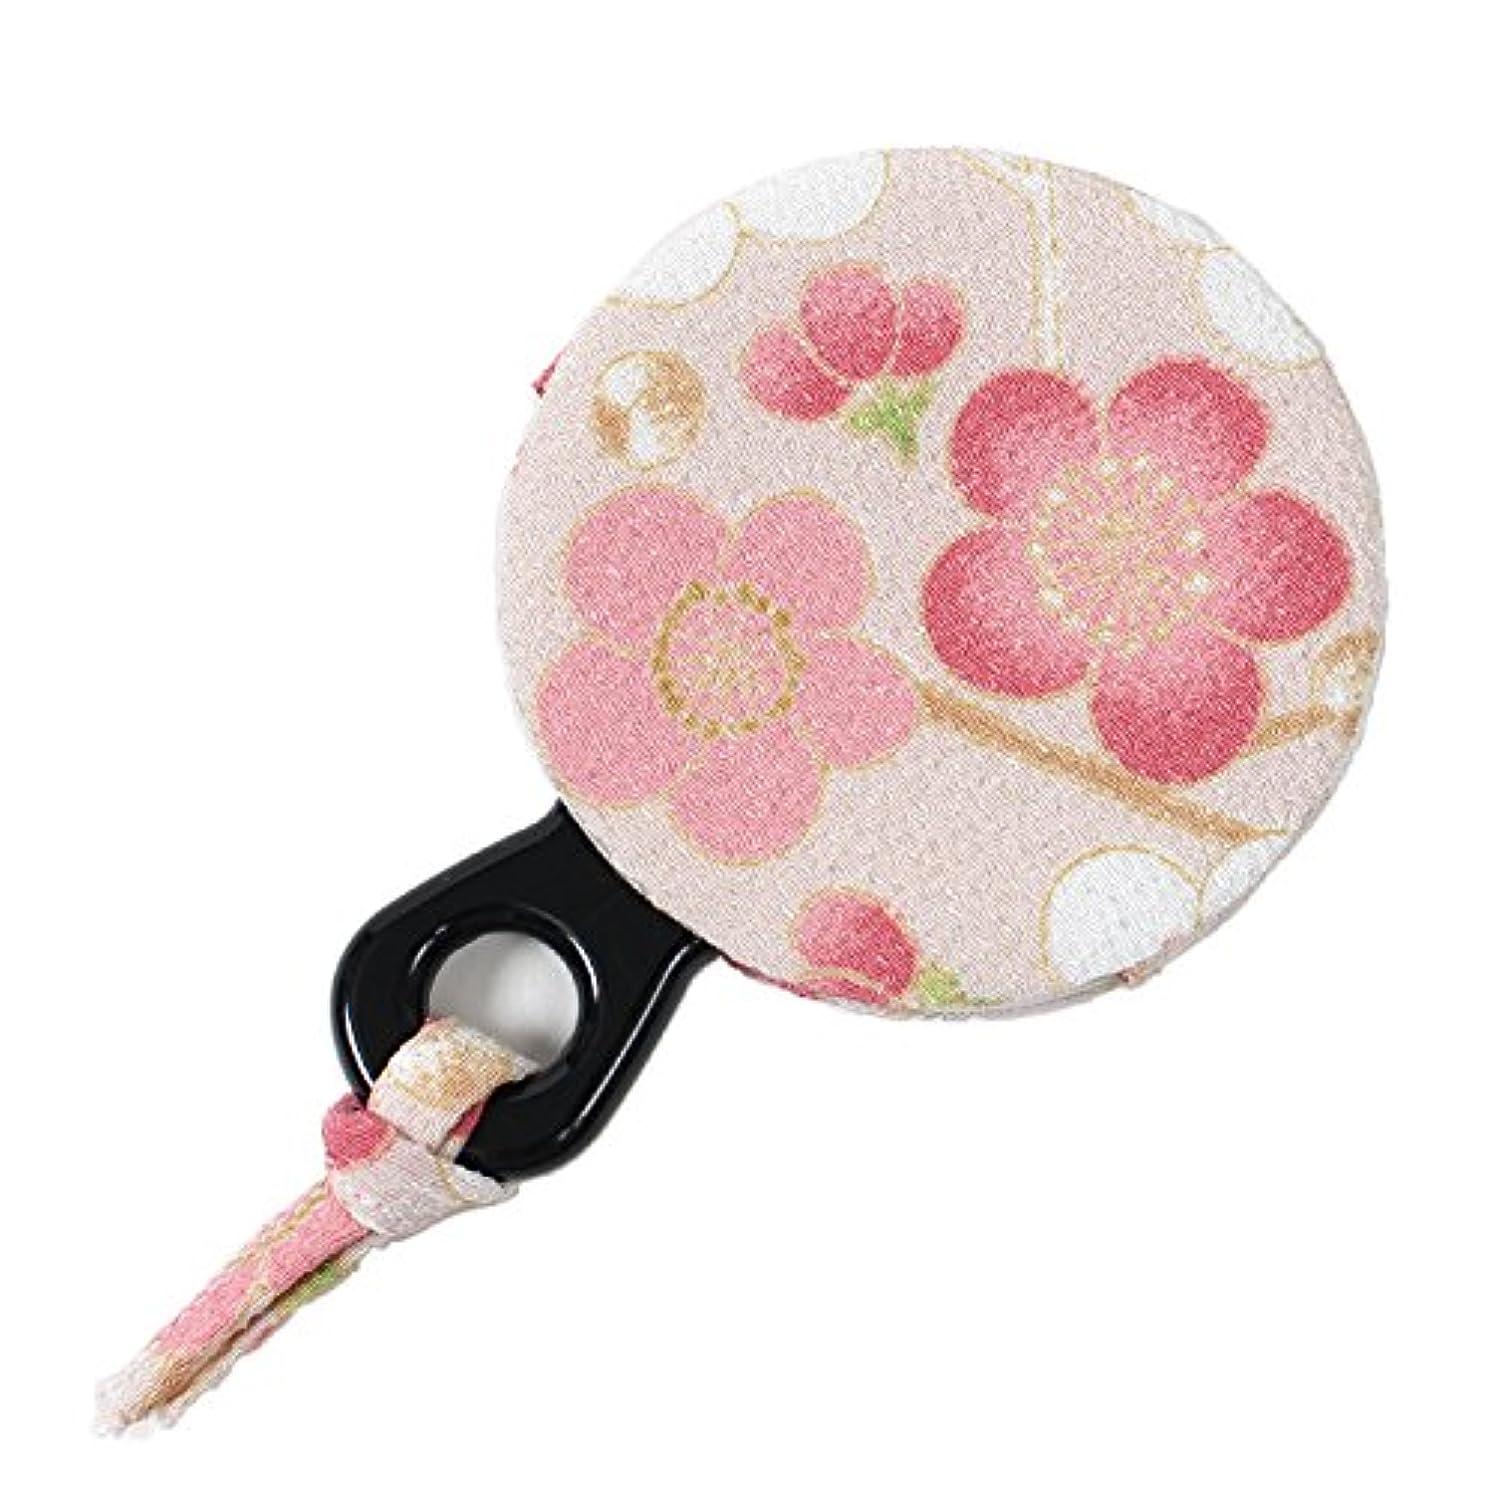 比較マッシュ収入小紋工房 手鏡 モダン梅(ピンク) 二越ちりめん 京都 和KOMONO 江戸小紋 1304